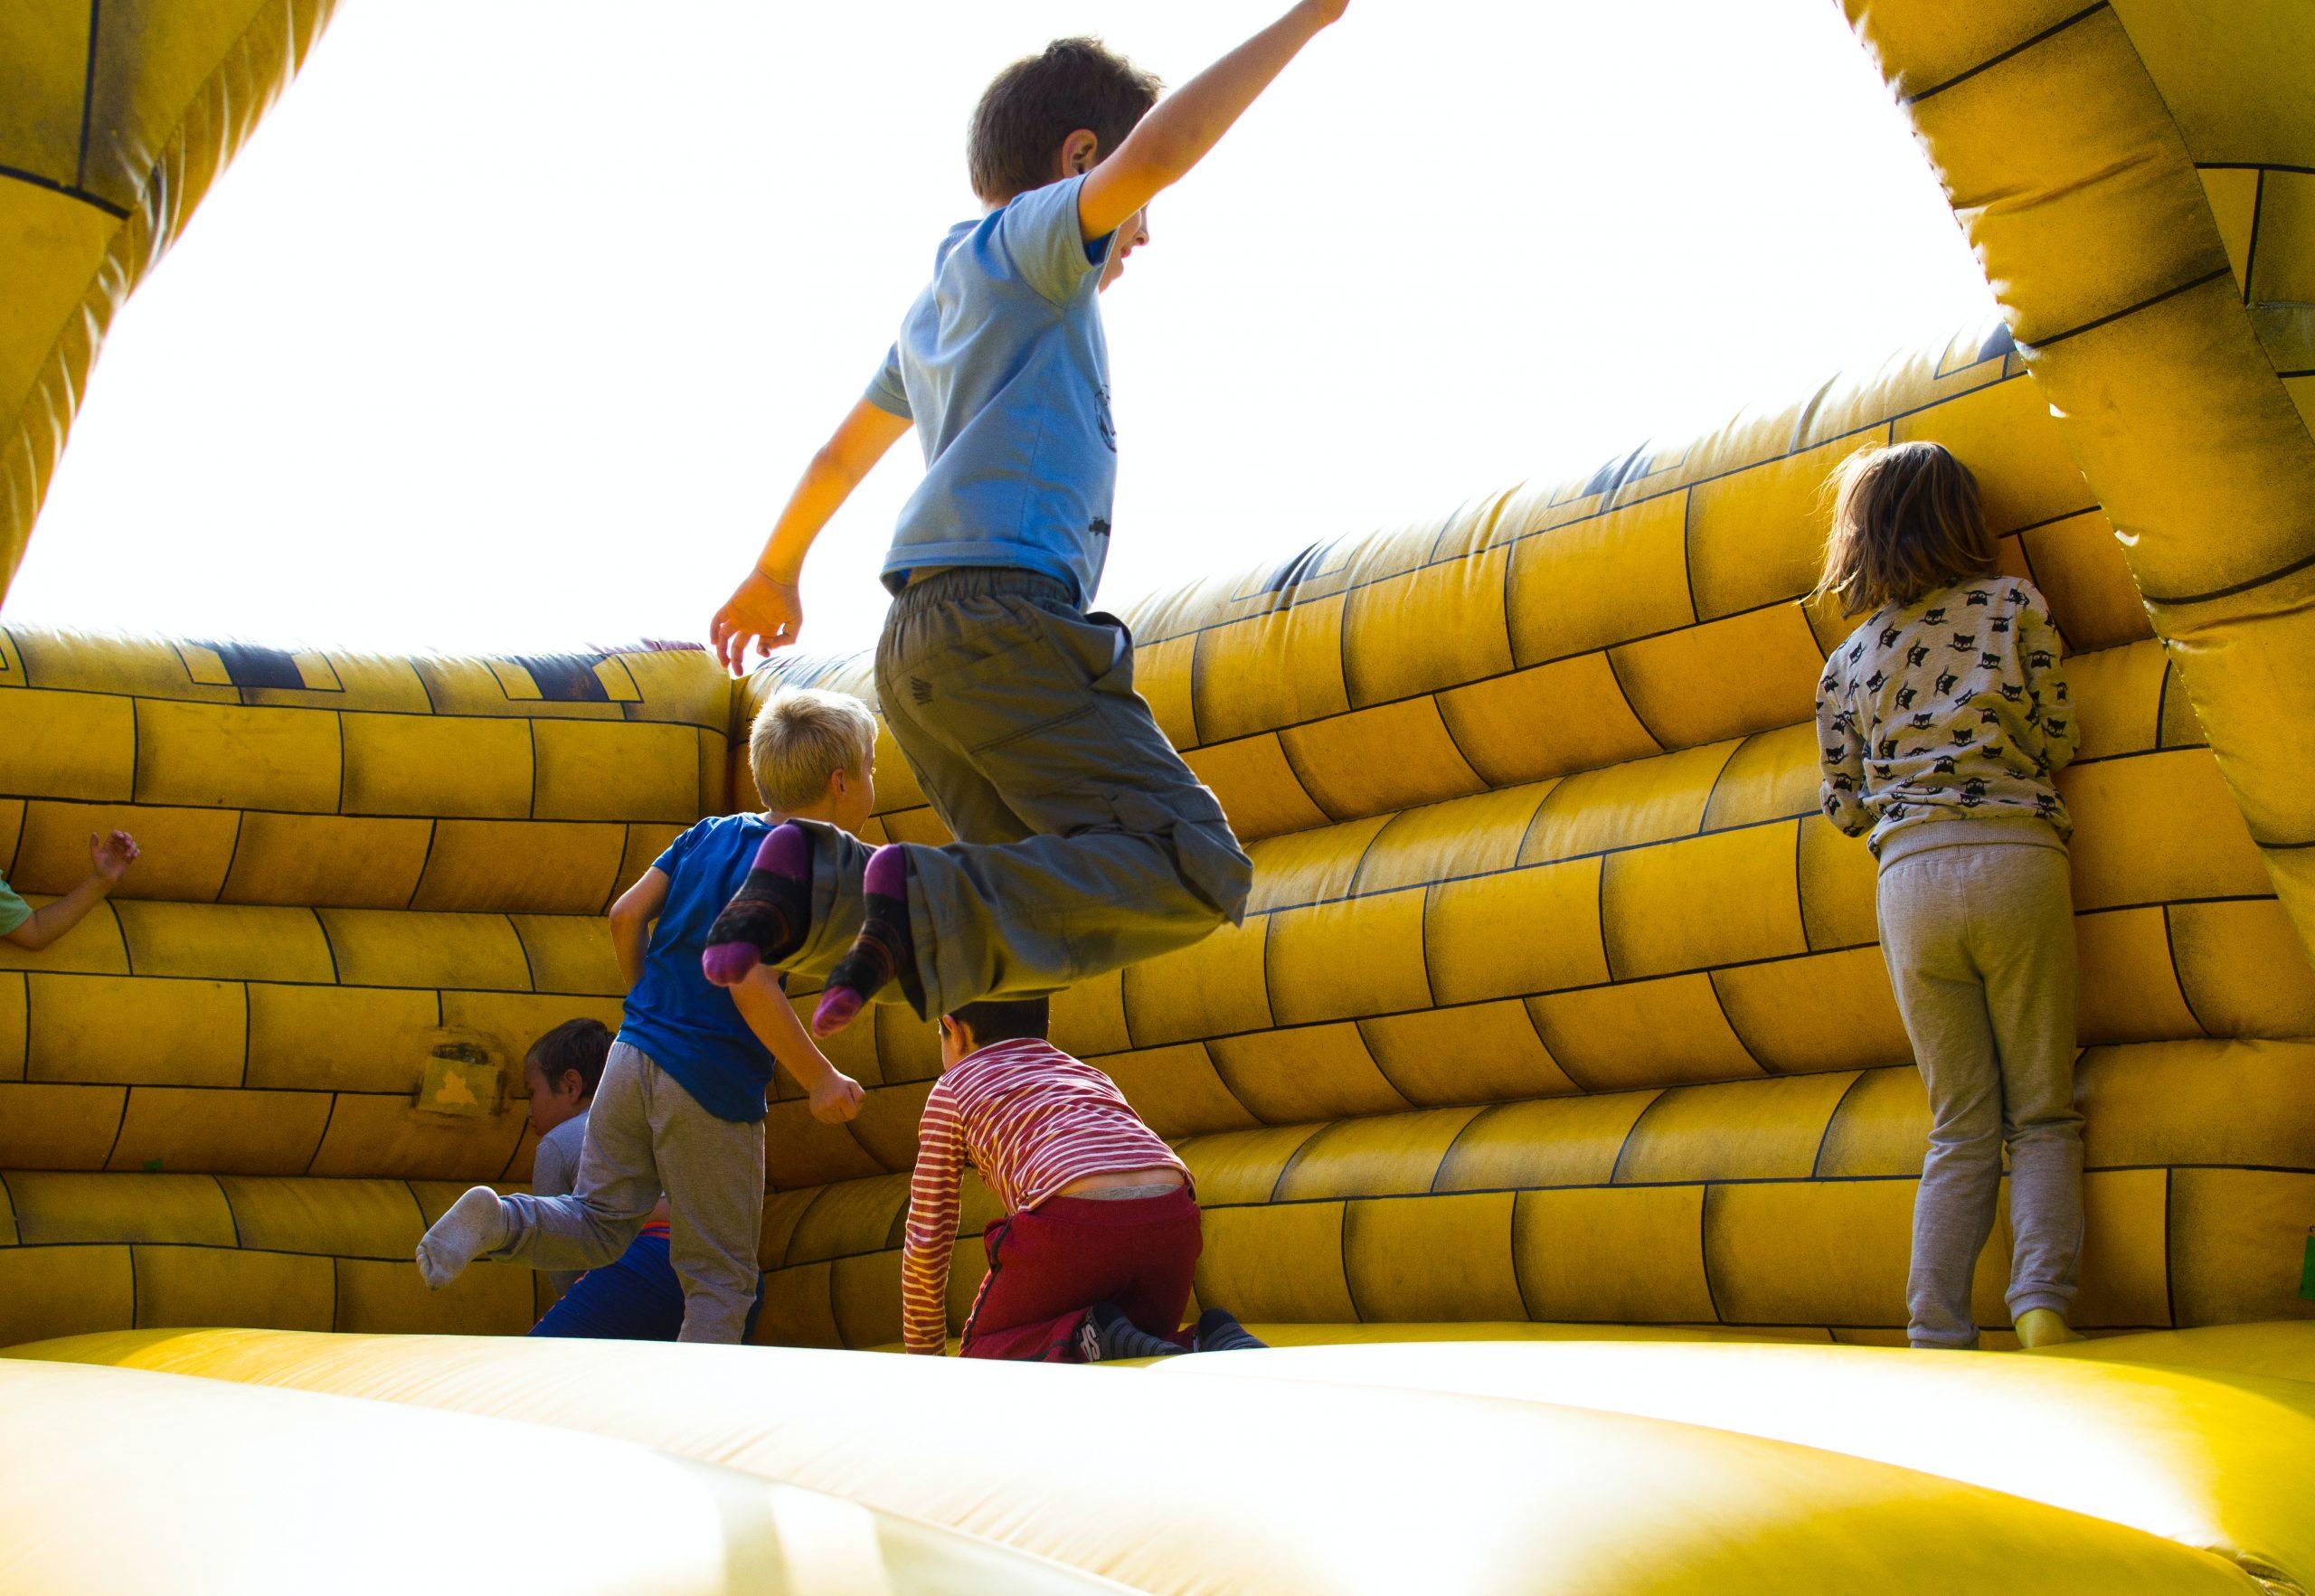 des enfants qui jouent dans un château gonflable